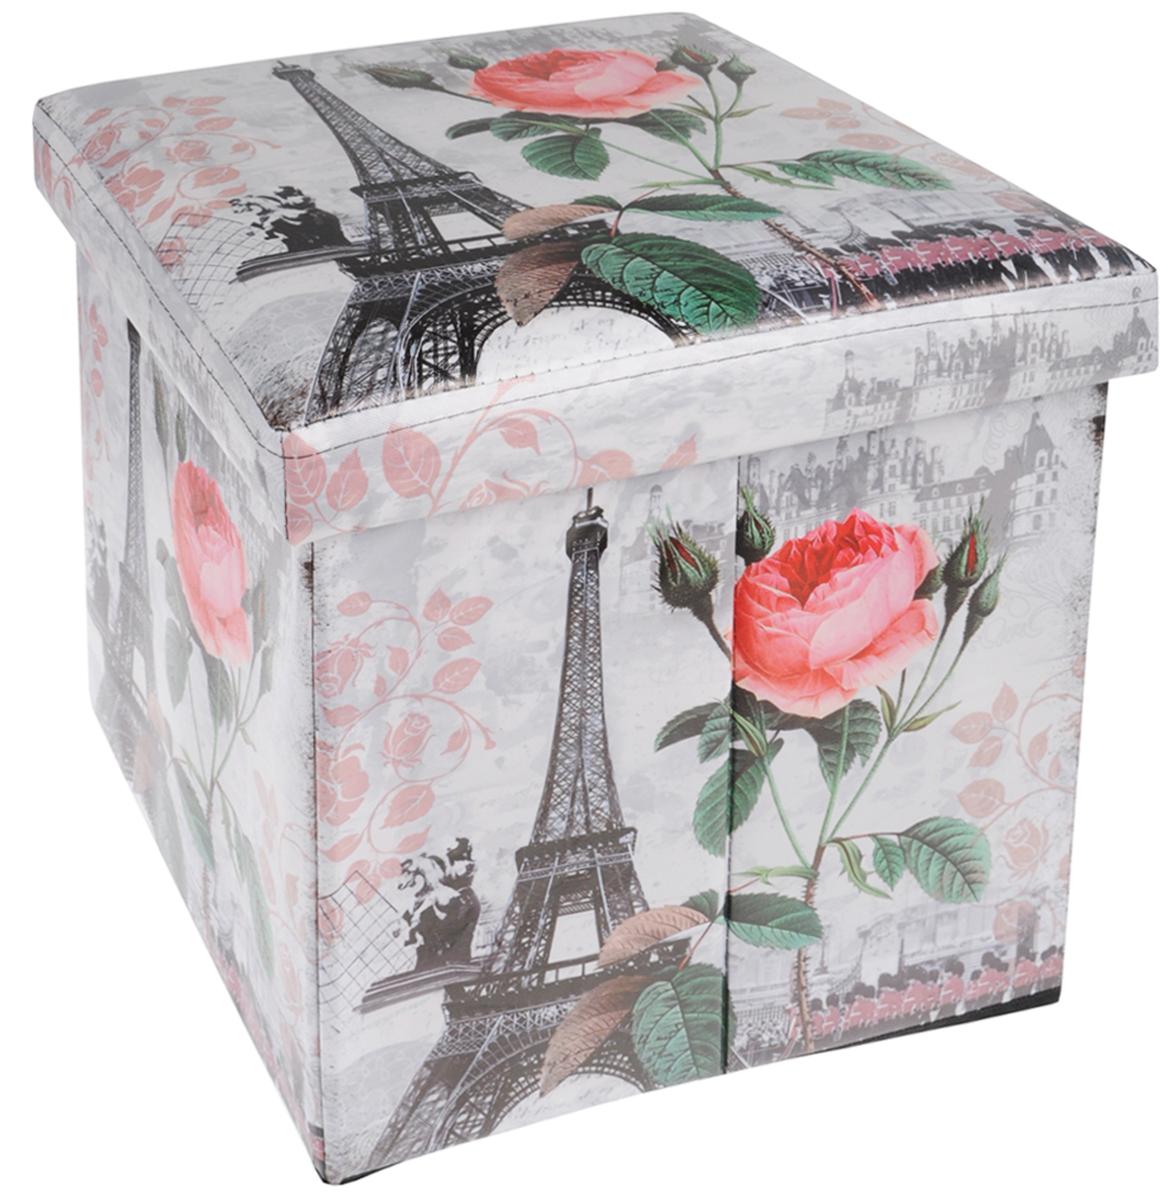 Кофр для хранения El Casa Париж - Метро, 41 х 36 х 26 смBQ2576СНЛЕГОКофр для хранения El Casa Париж - Метро - компактное и красивое решение для хранения вещей дома или на даче. Кофр имеет жесткий каркас из МДФ, выполнен из экокожи с изображением Эйфелевой башни. Снабжен крышкой, которая закрывается на липучку. Две ручки по бокам - для комфортной переноски. В таком кофре можно хранить всевозможные предметы: книги, игрушки, рукоделие. Яркий запоминающий дизайн кофра привнесет в ваш интерьер неповторимый шарм.